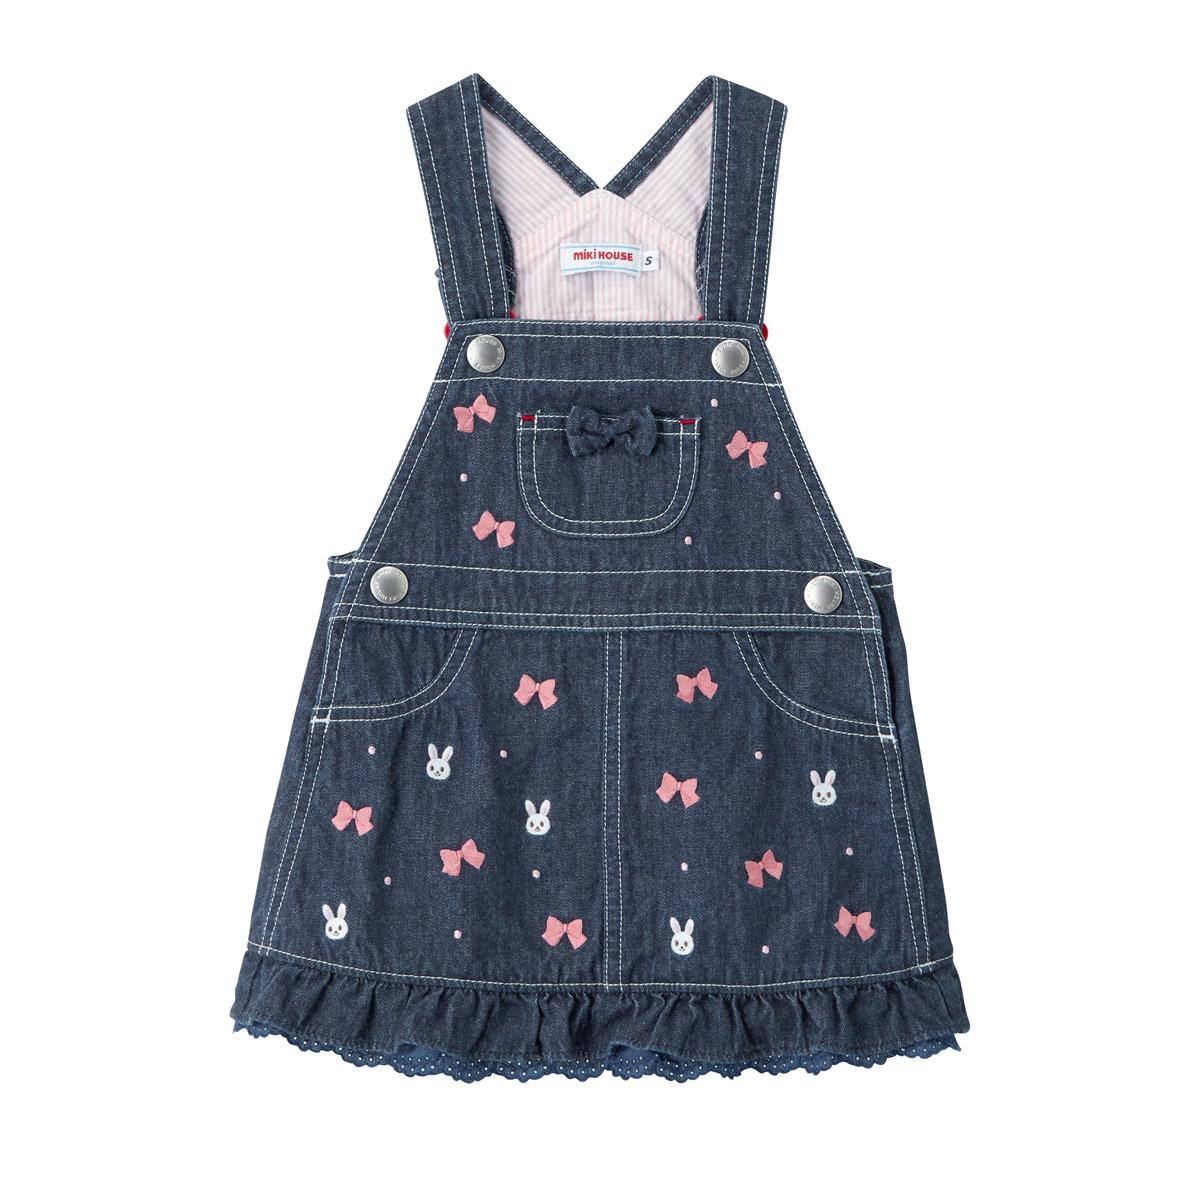 日本制MIKIHOUSE时尚迷你小兔子蝴蝶结刺绣背带裙 S码